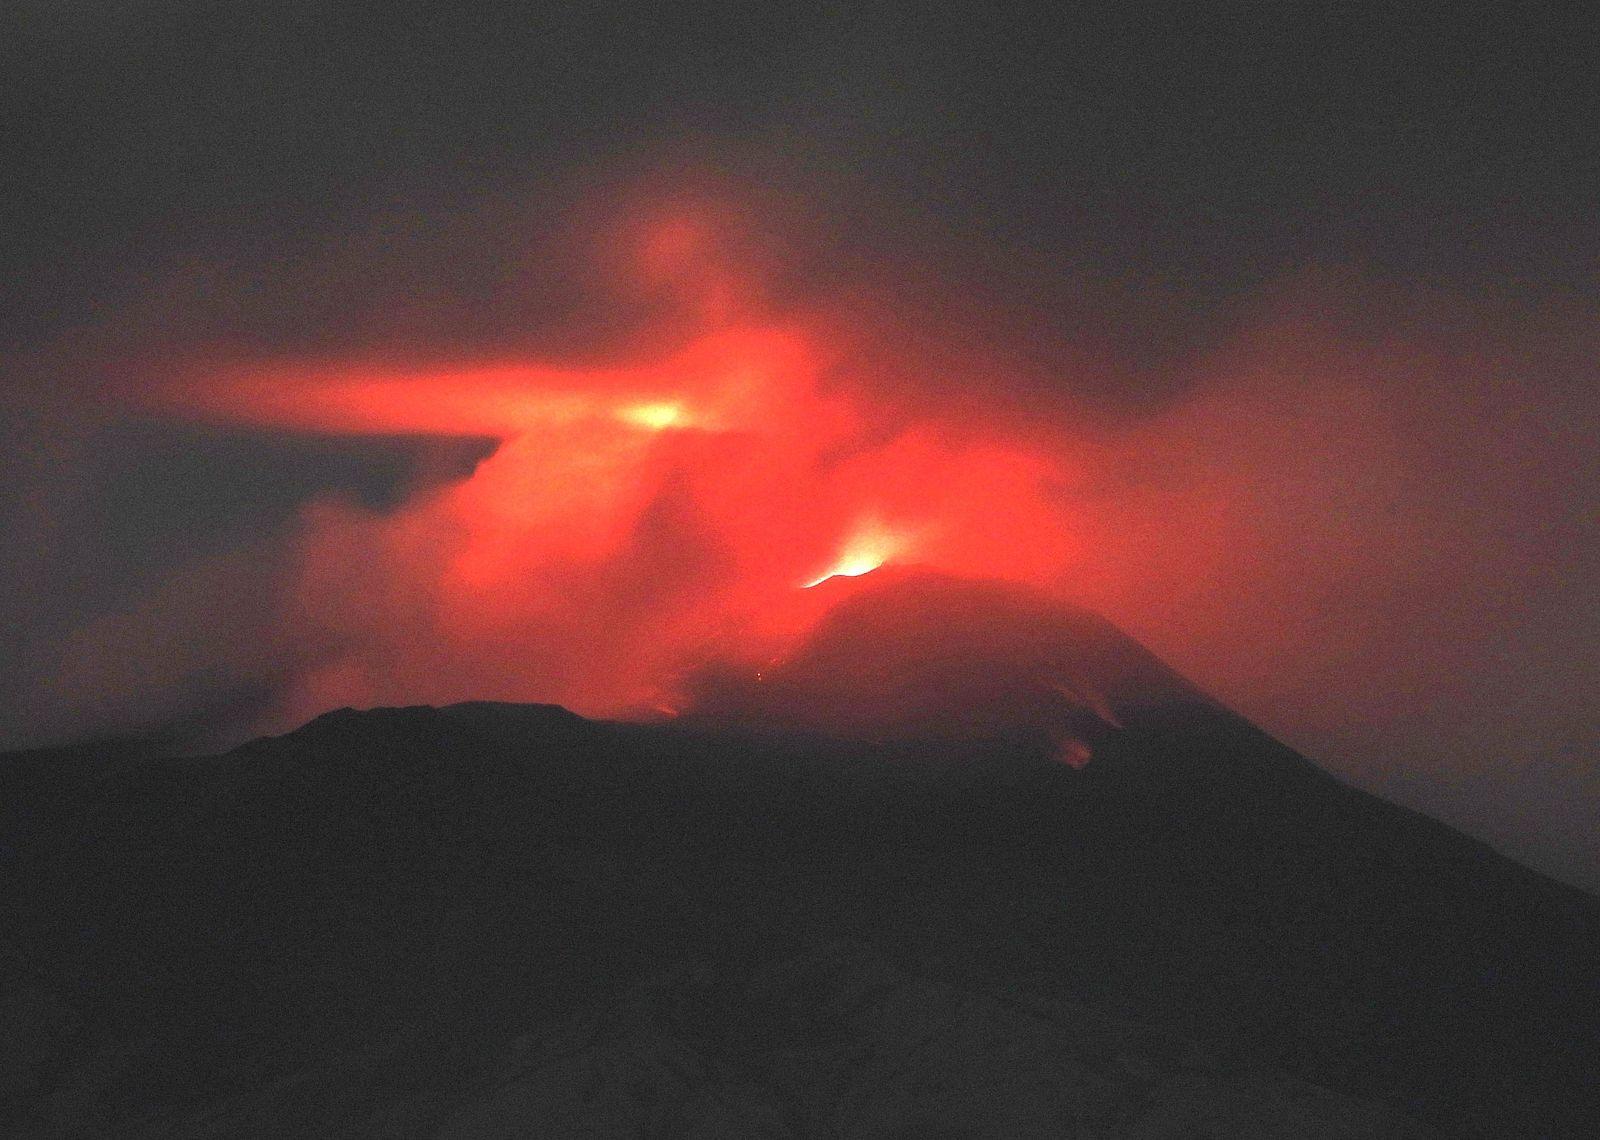 Etna - activité strombolienne au cône de la selle du SEC, reflétée sur les nuages le 07.08.2020 - photo Boris Behncke